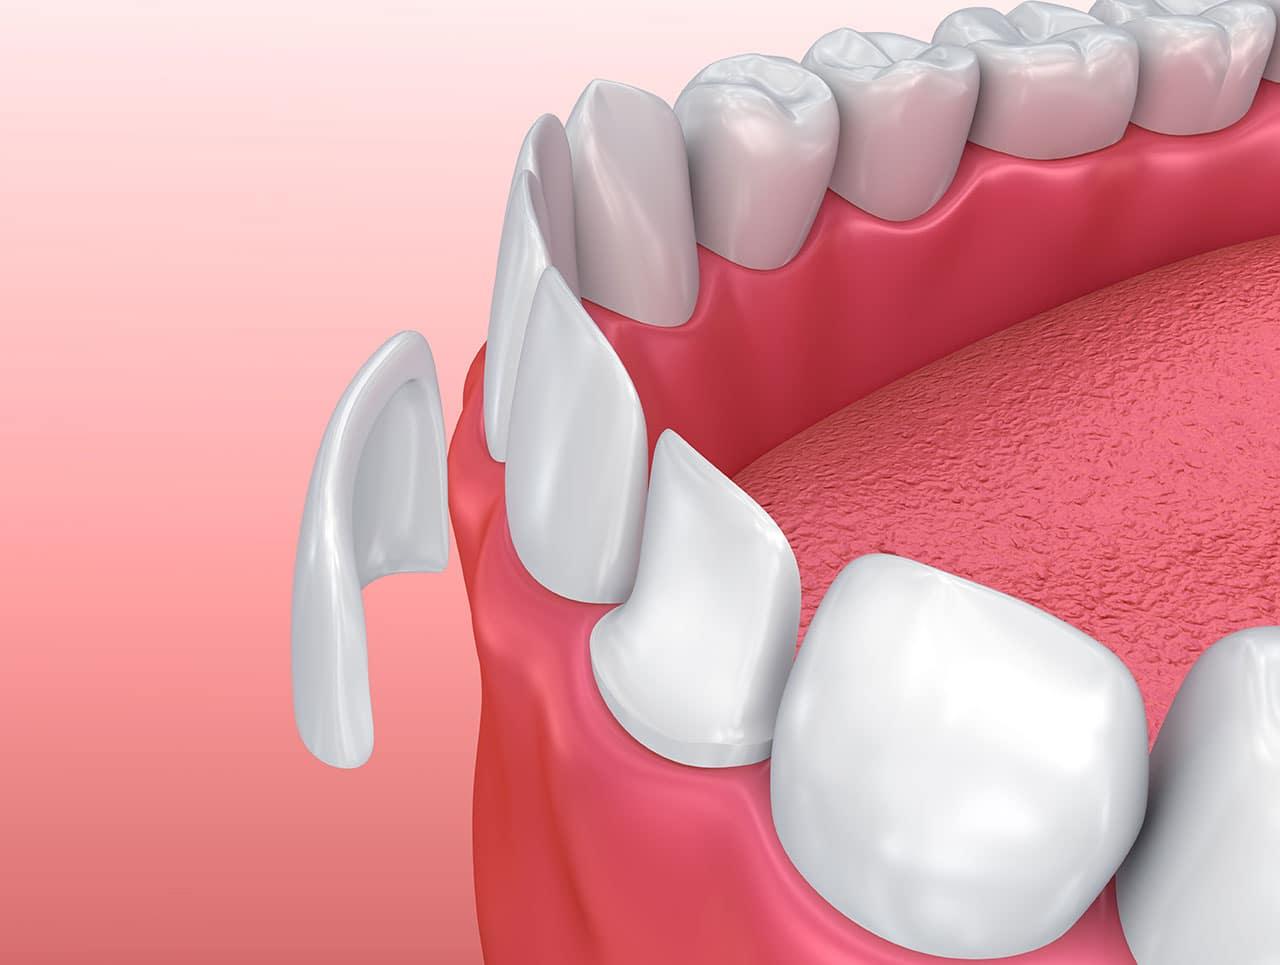 Dán sứ thẩm mỹ cho hàm răng trắng đều - Nha Khoa MEDIKA